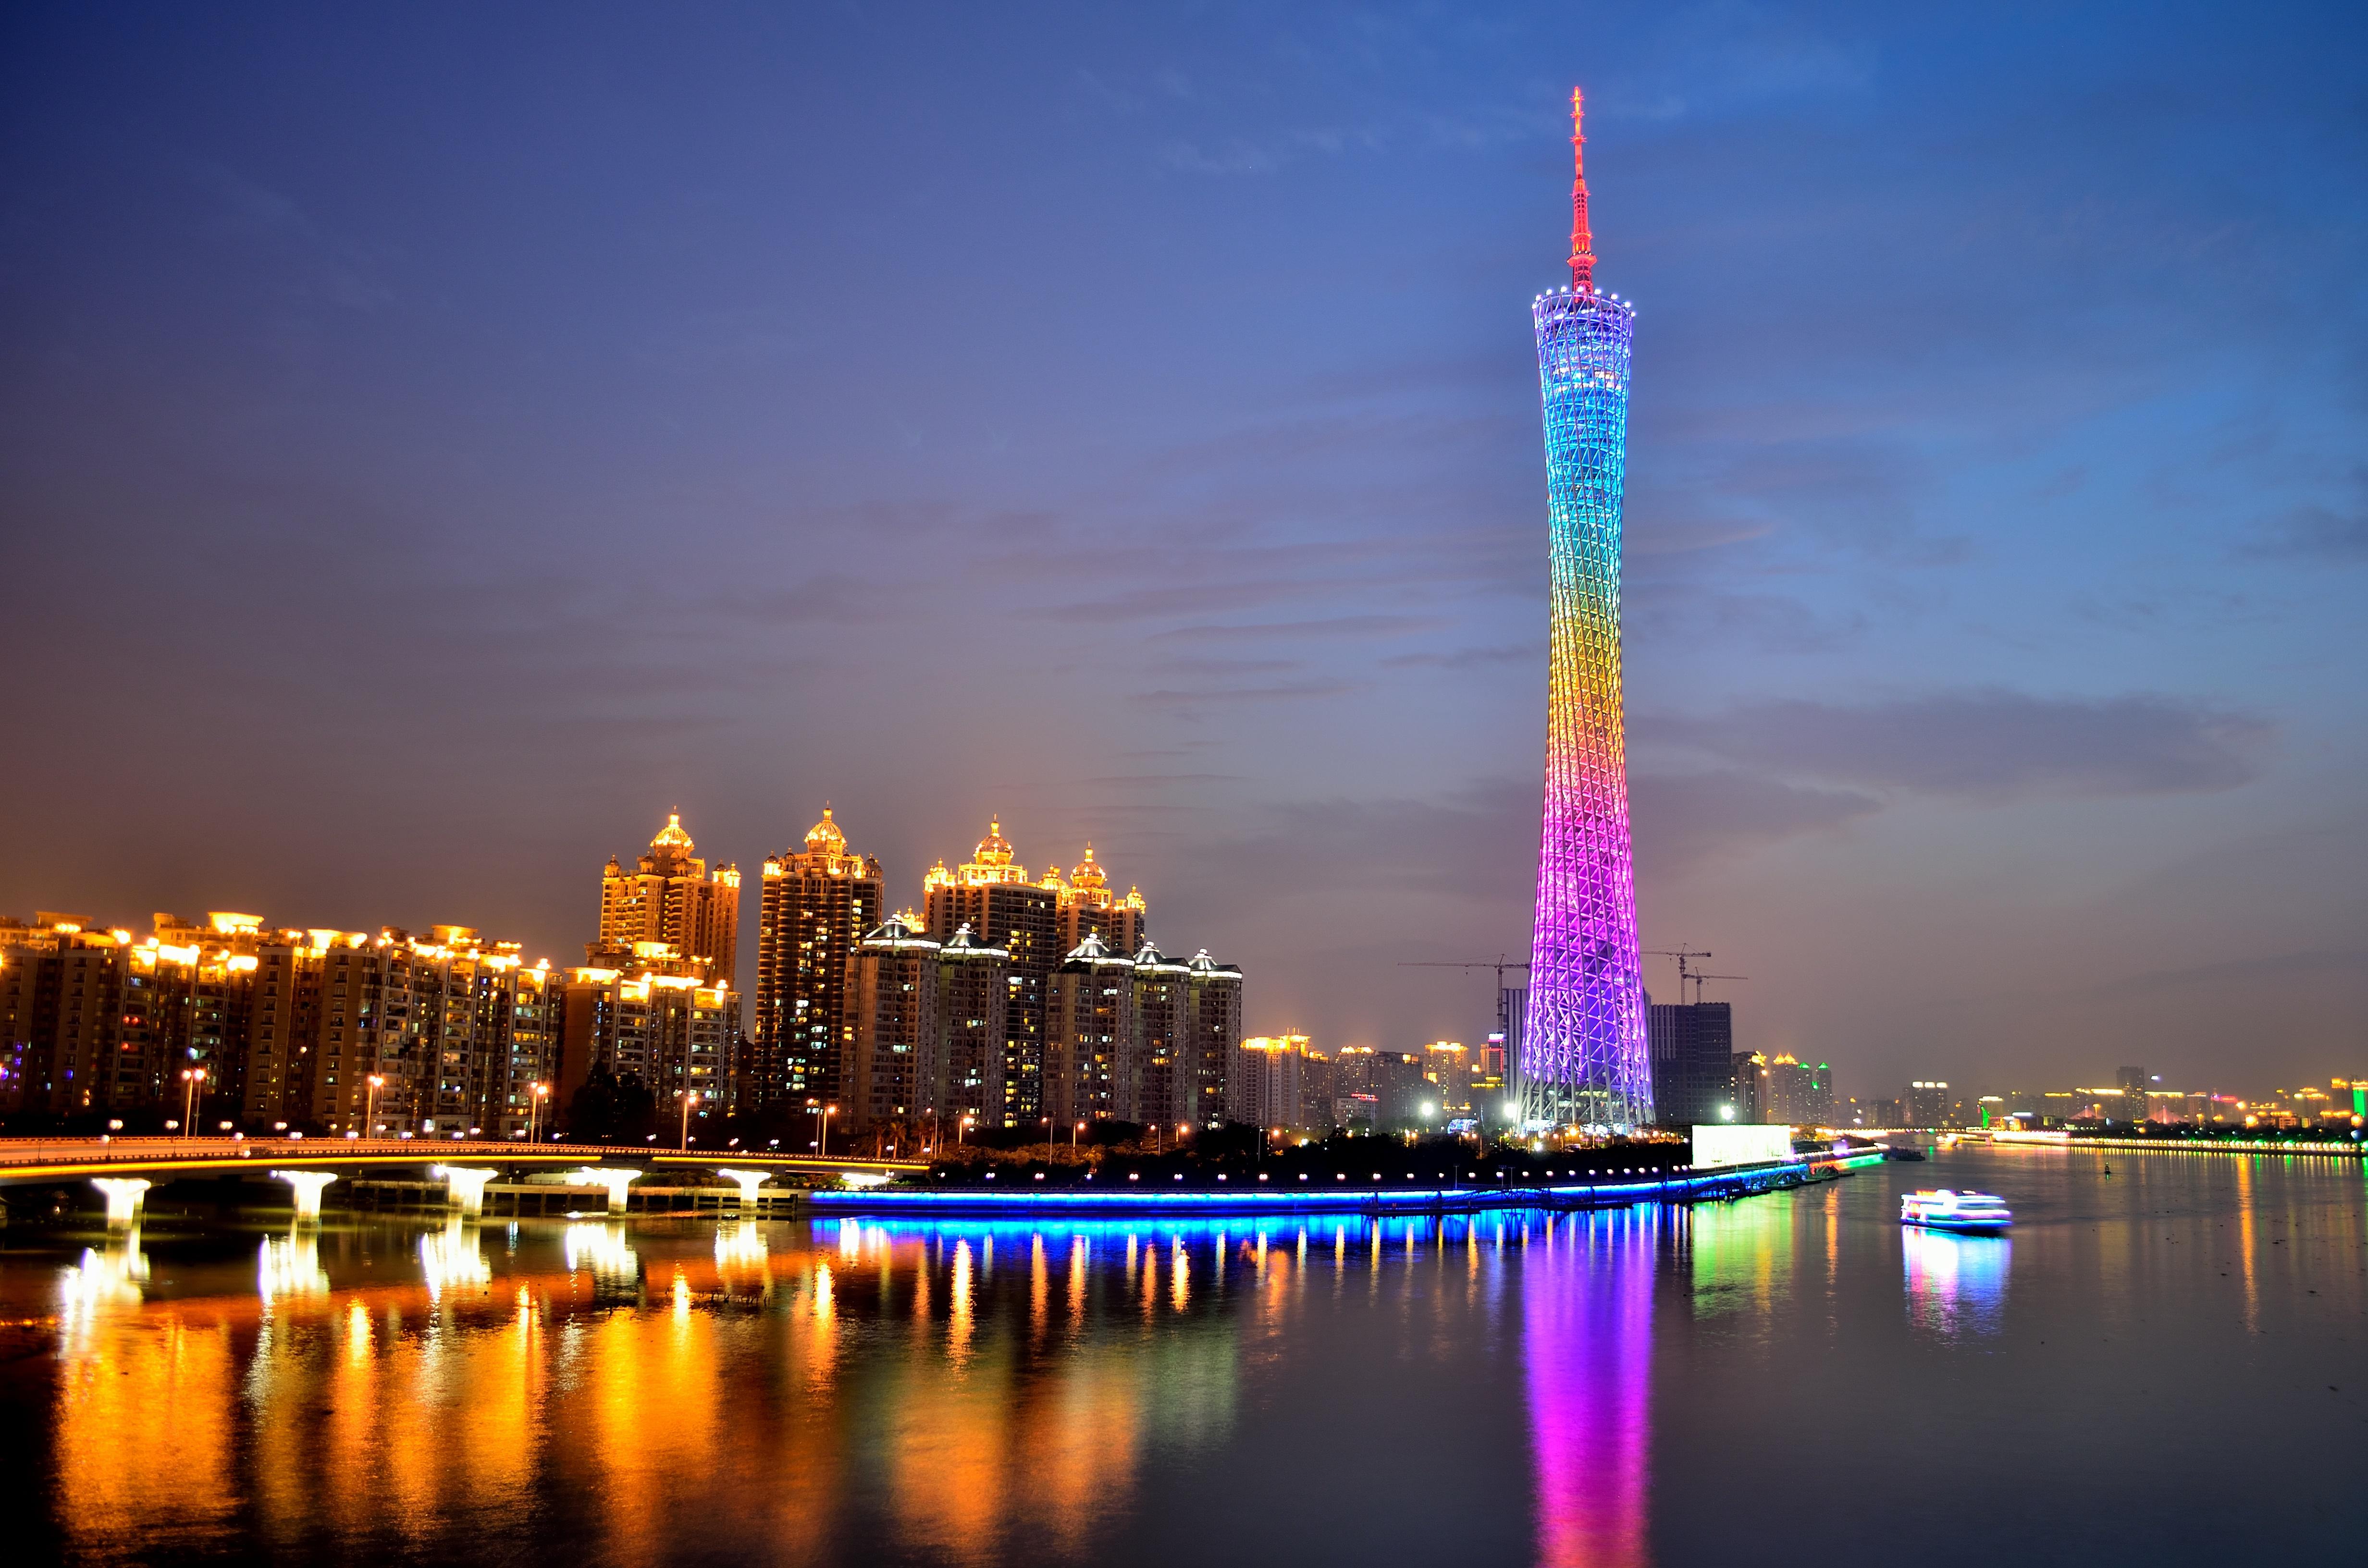 Groß Größer Am Größten Die 10 Höchsten Bauwerke Der Welt